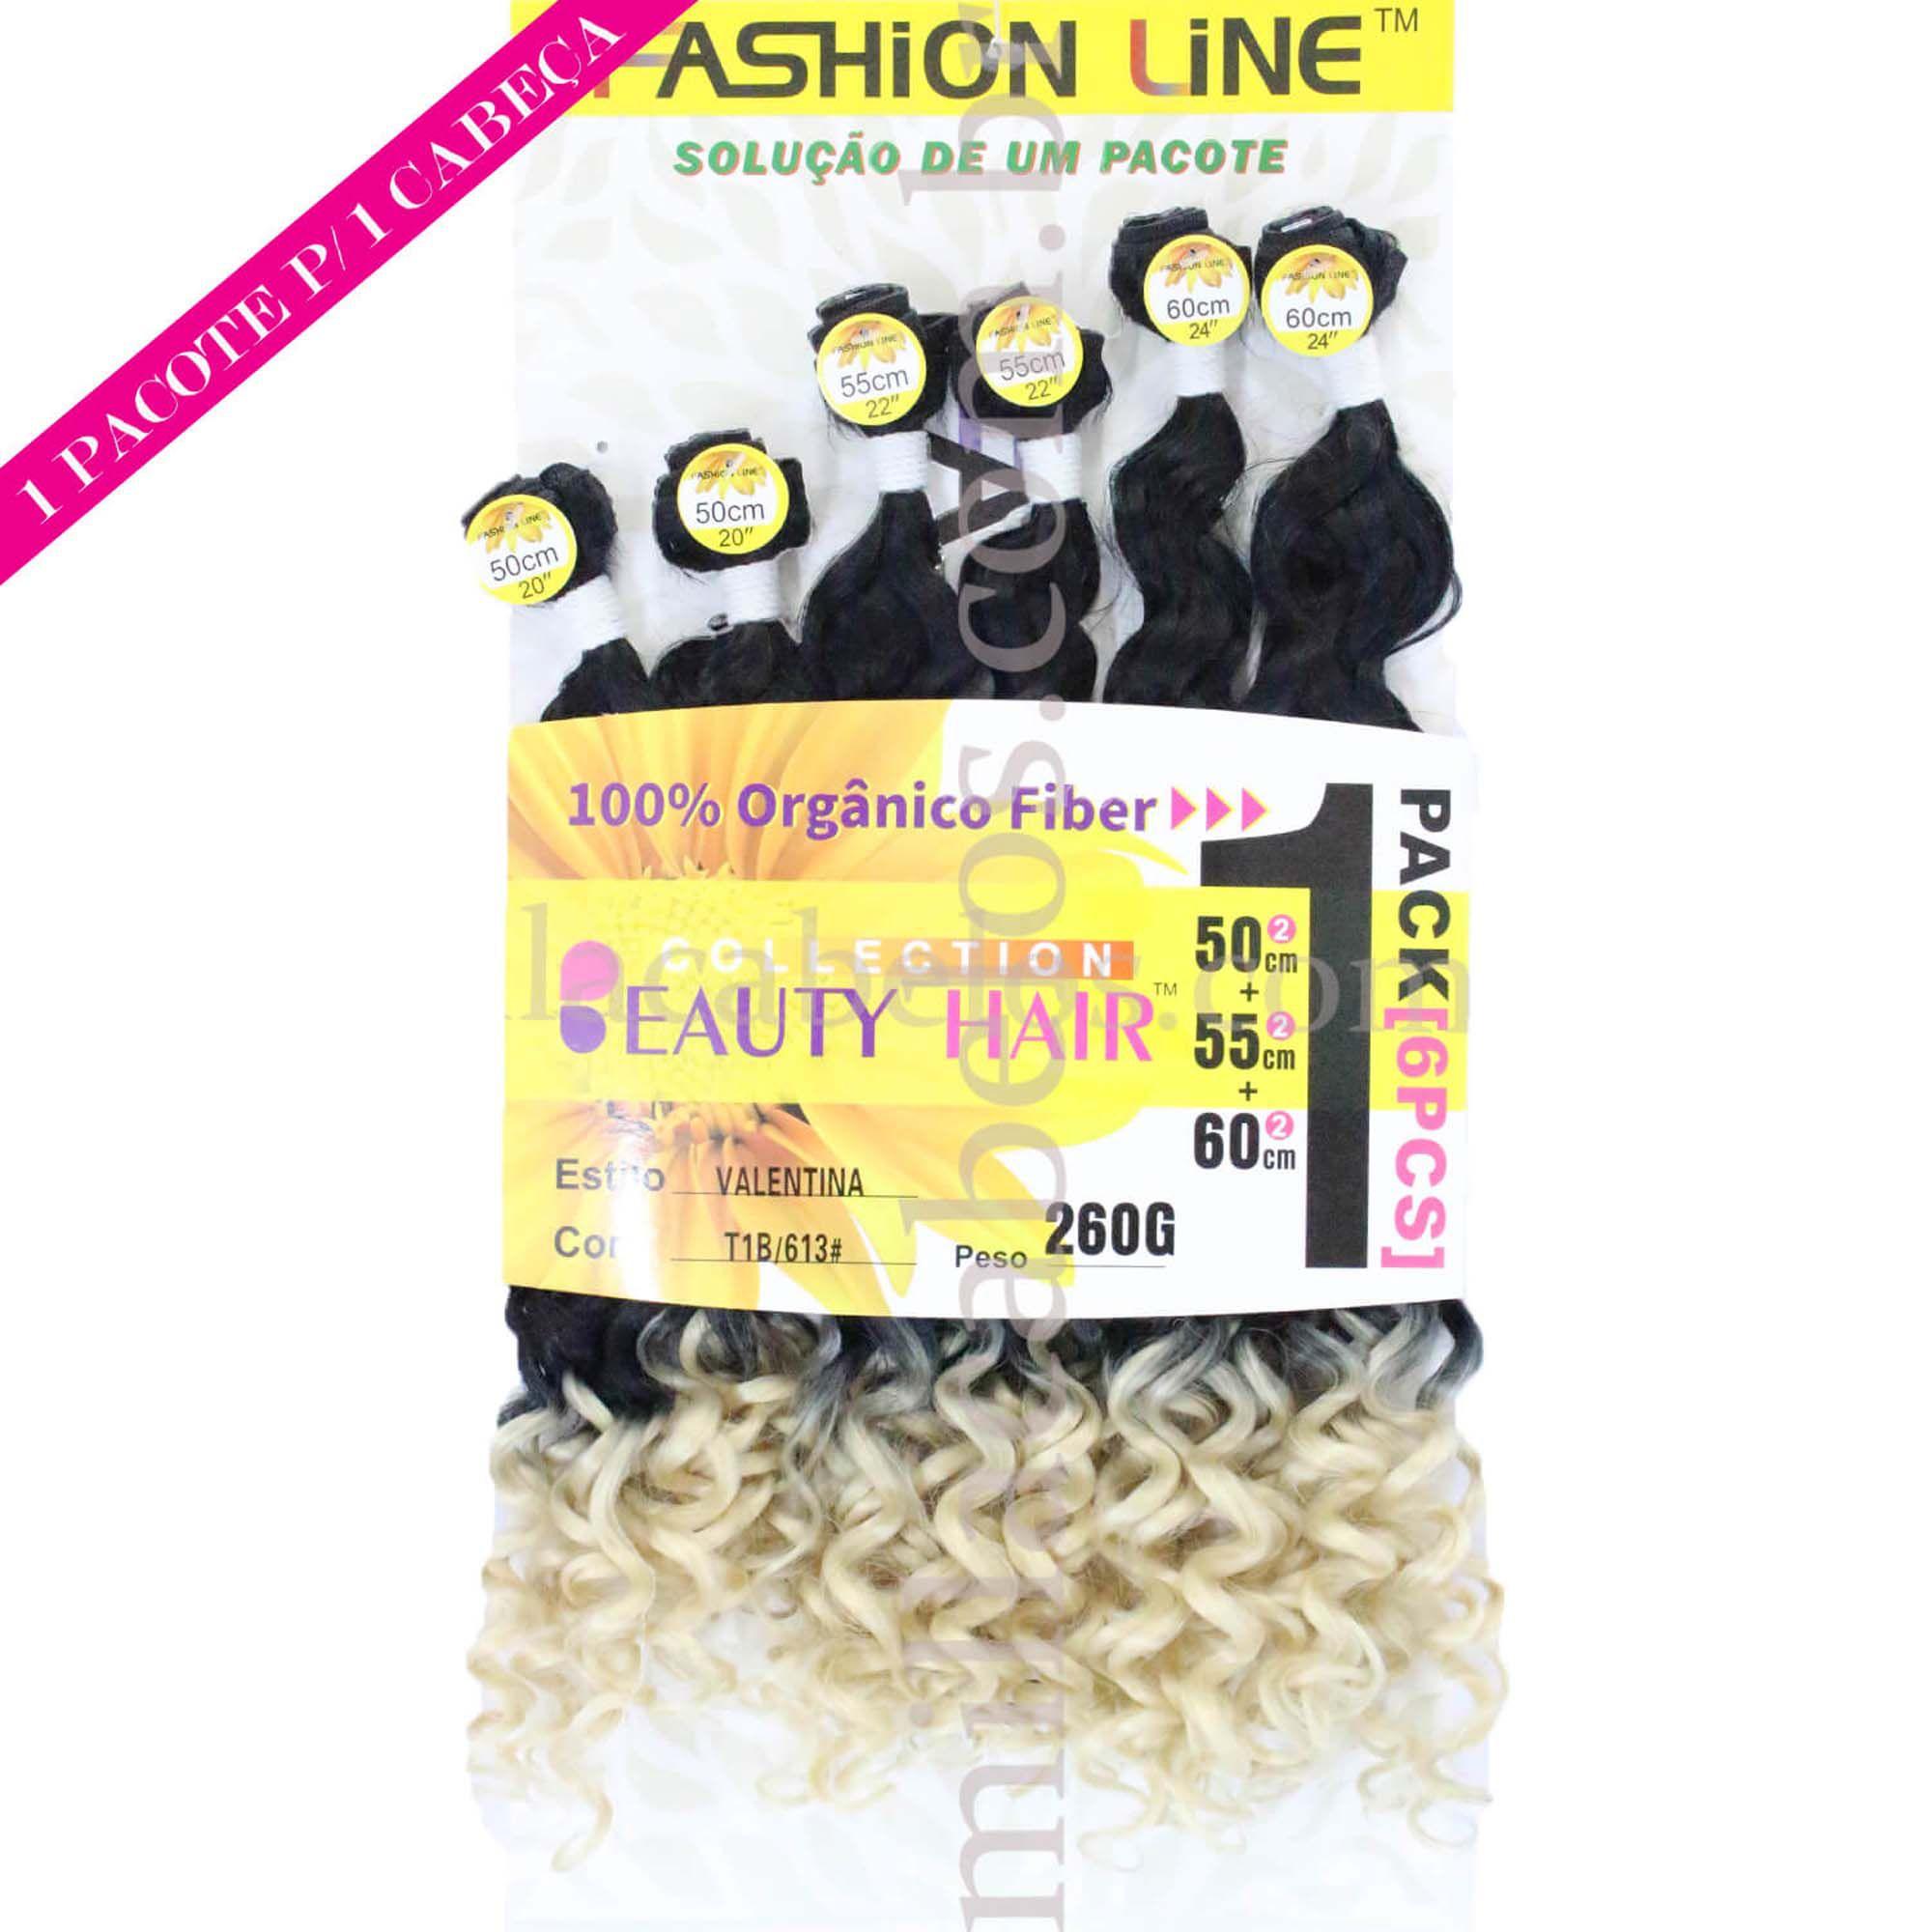 Cabelo Orgânico - Fashion Line - Valentina